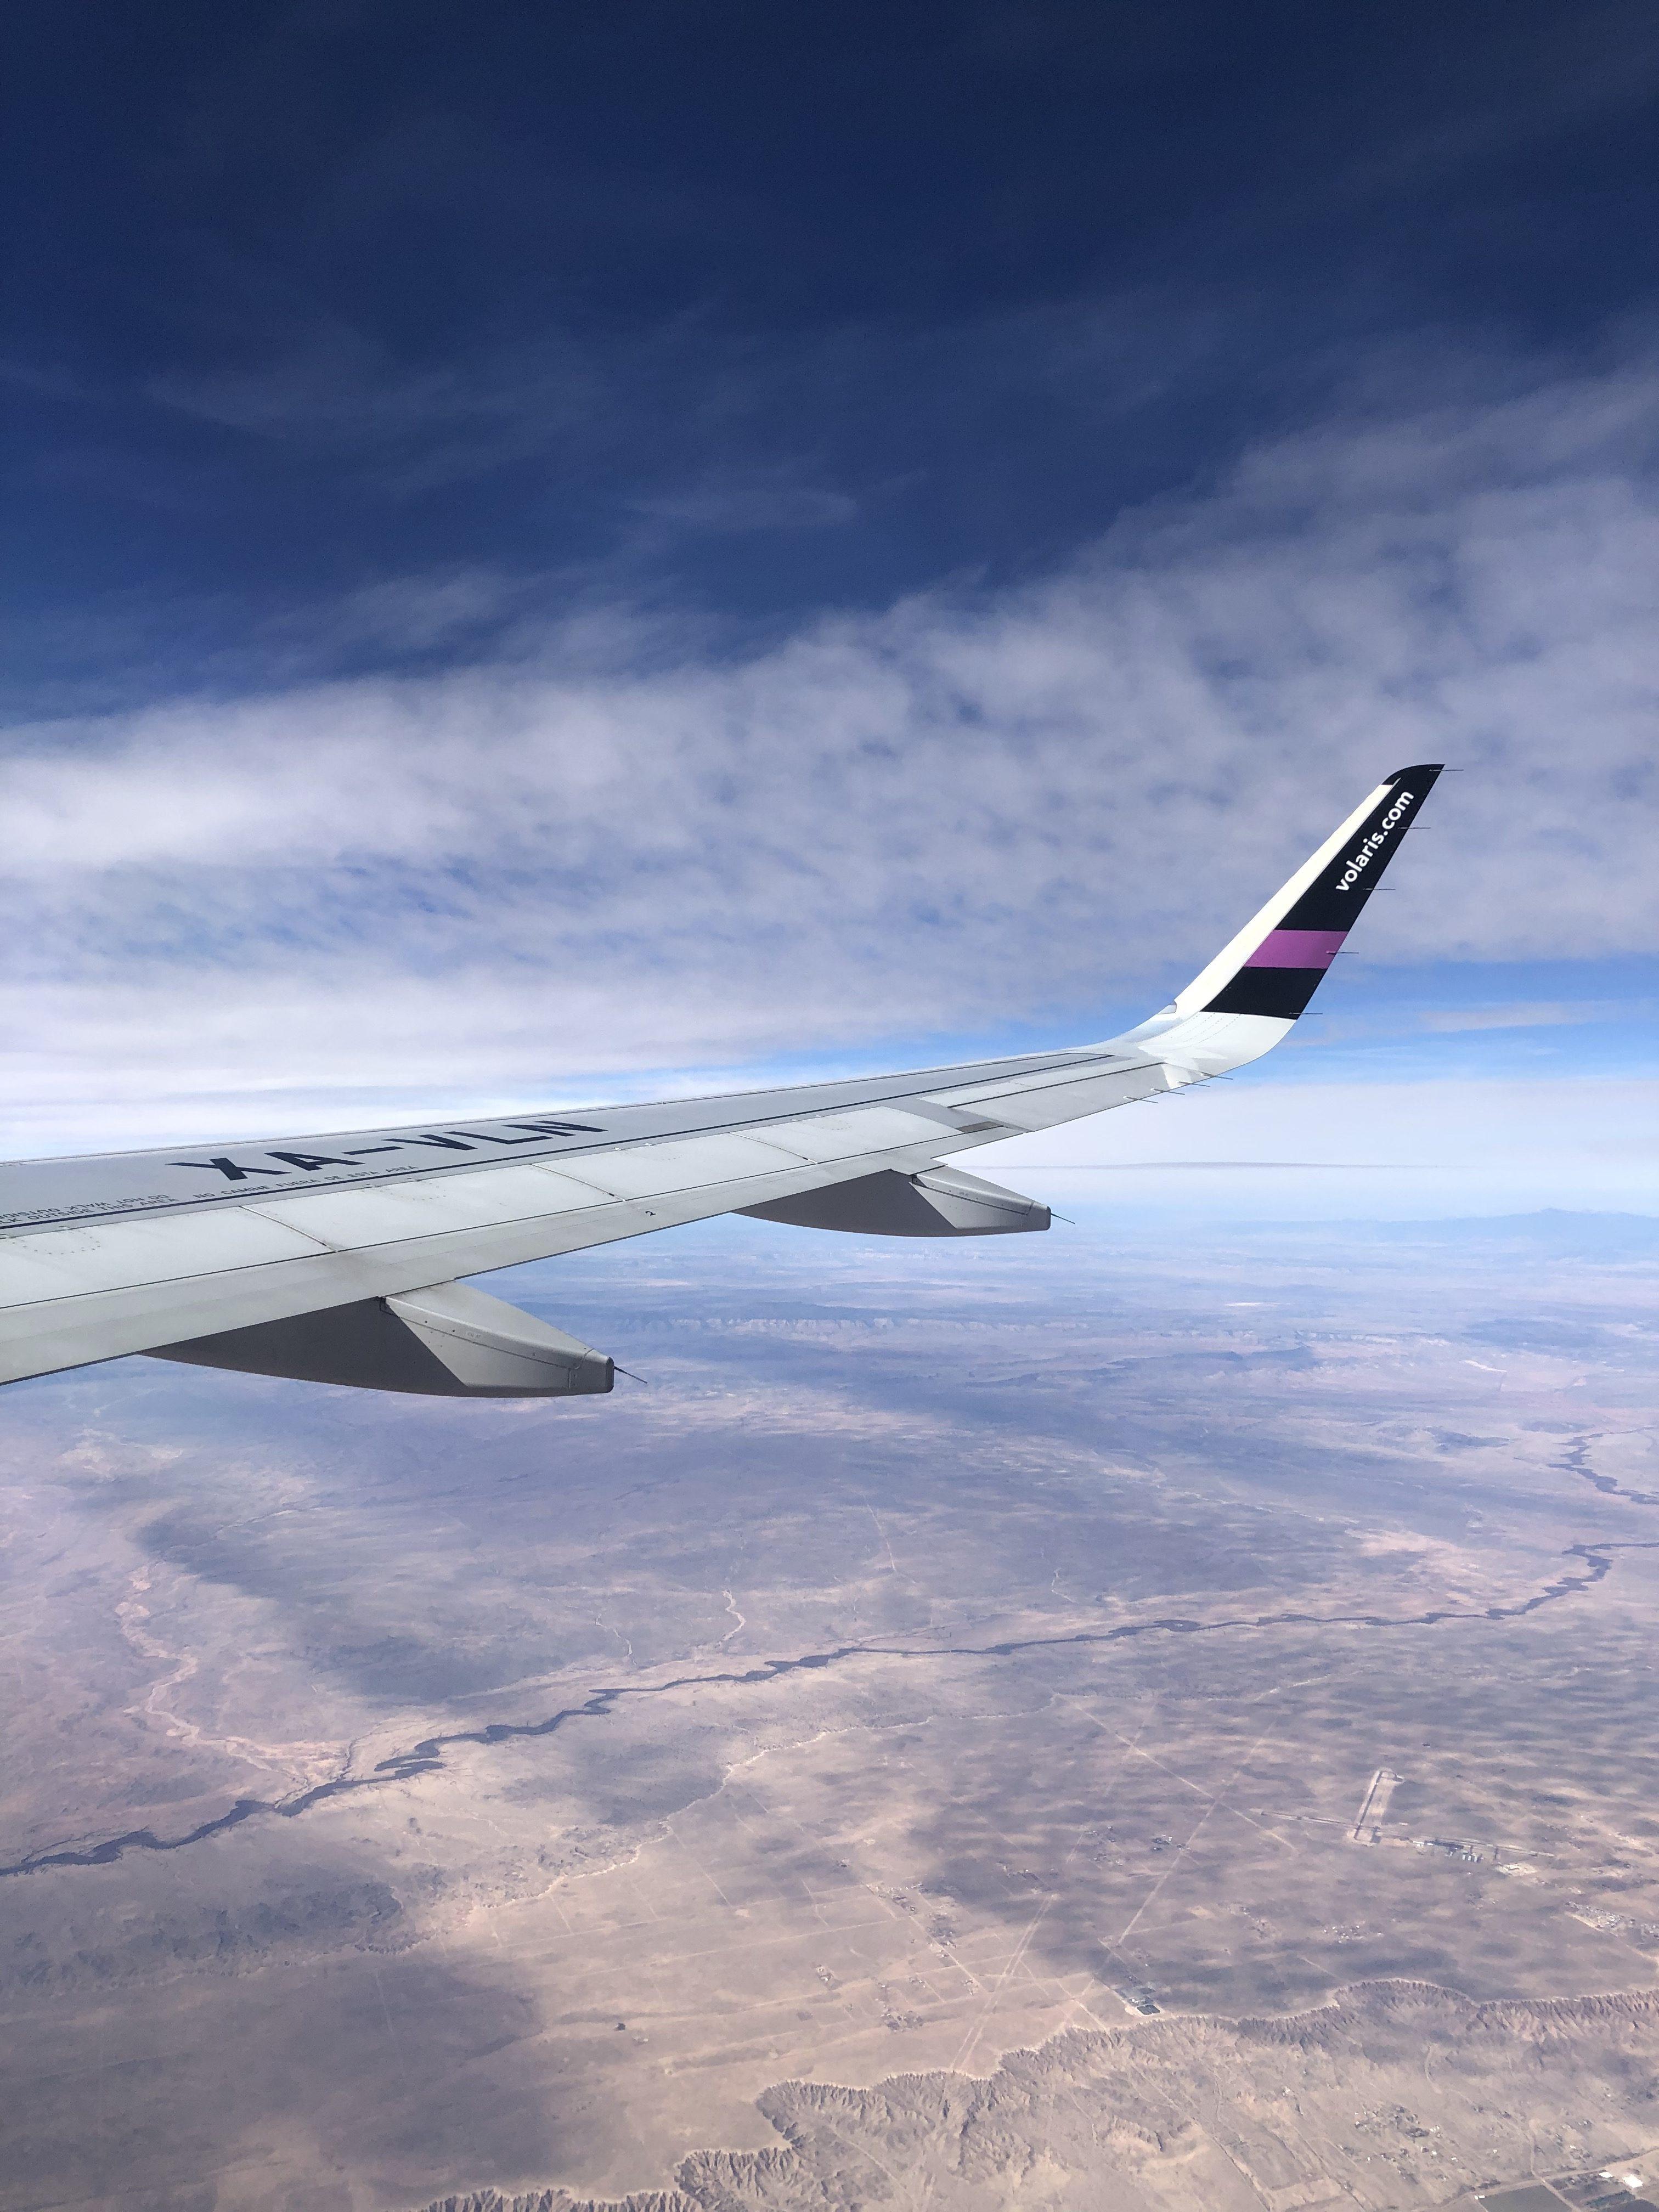 volaris inaugural flight Albuquerque to Guadalajara #travel #volaris #mexico